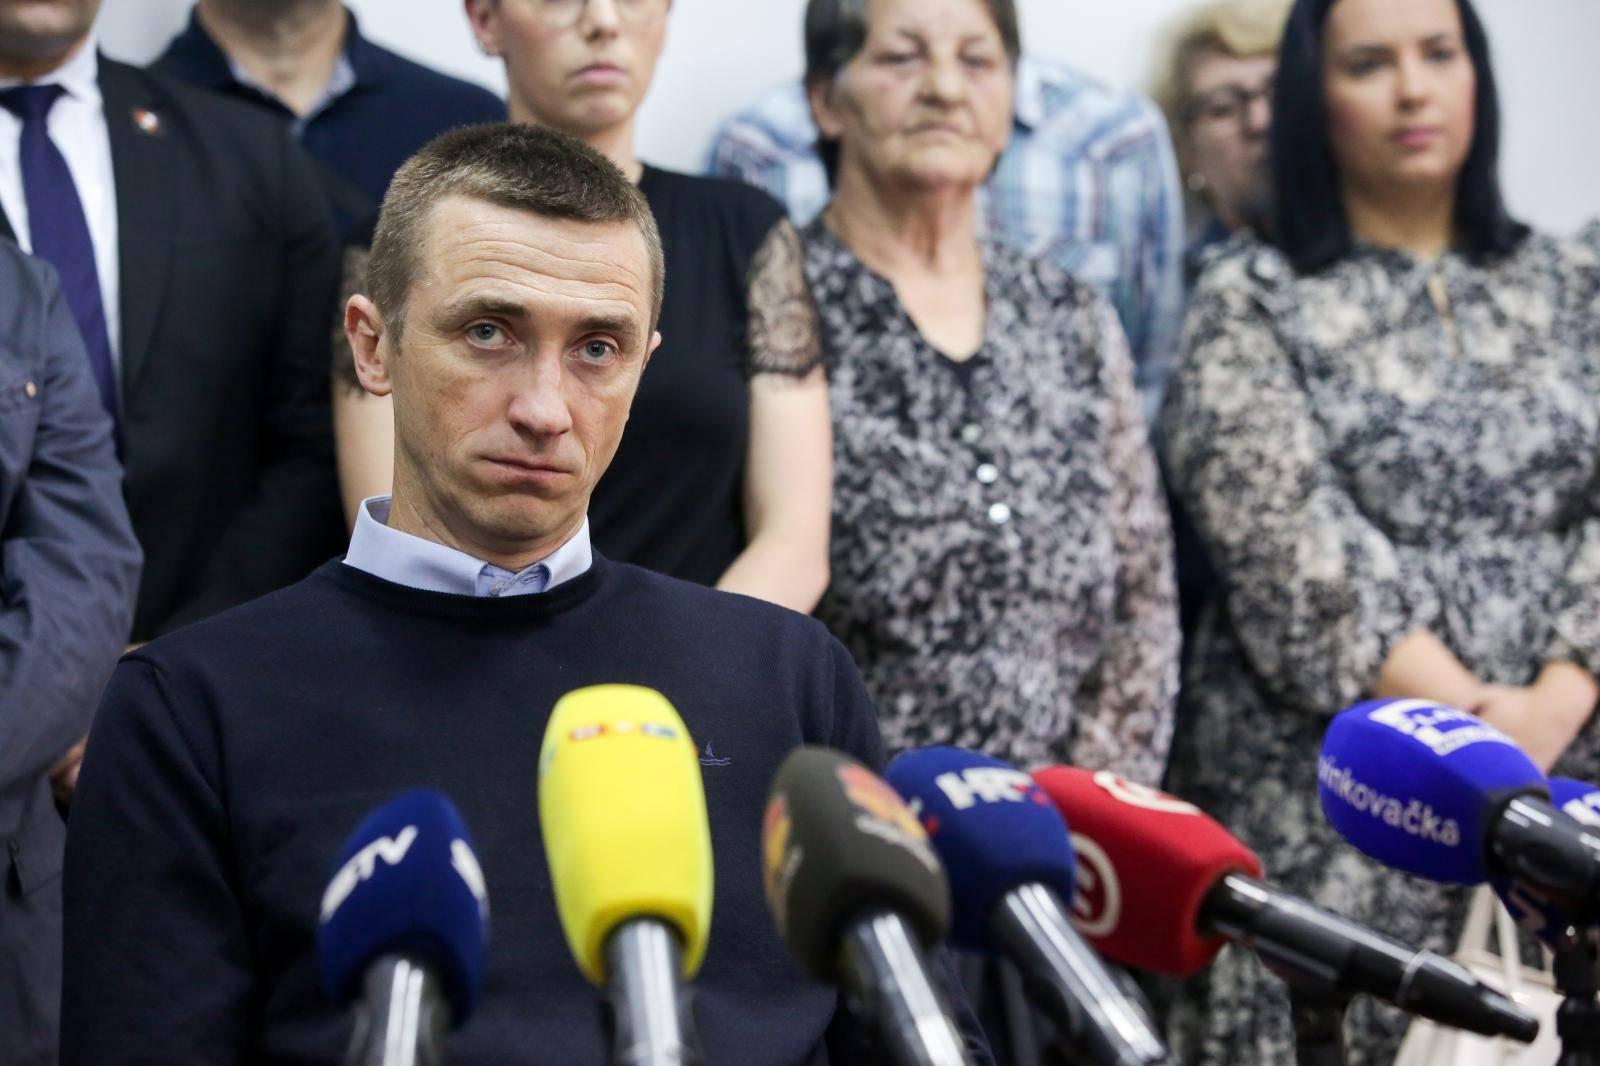 'Napuštamo HDZ, oni su izdali Vukovar, osnivamo stranku!'